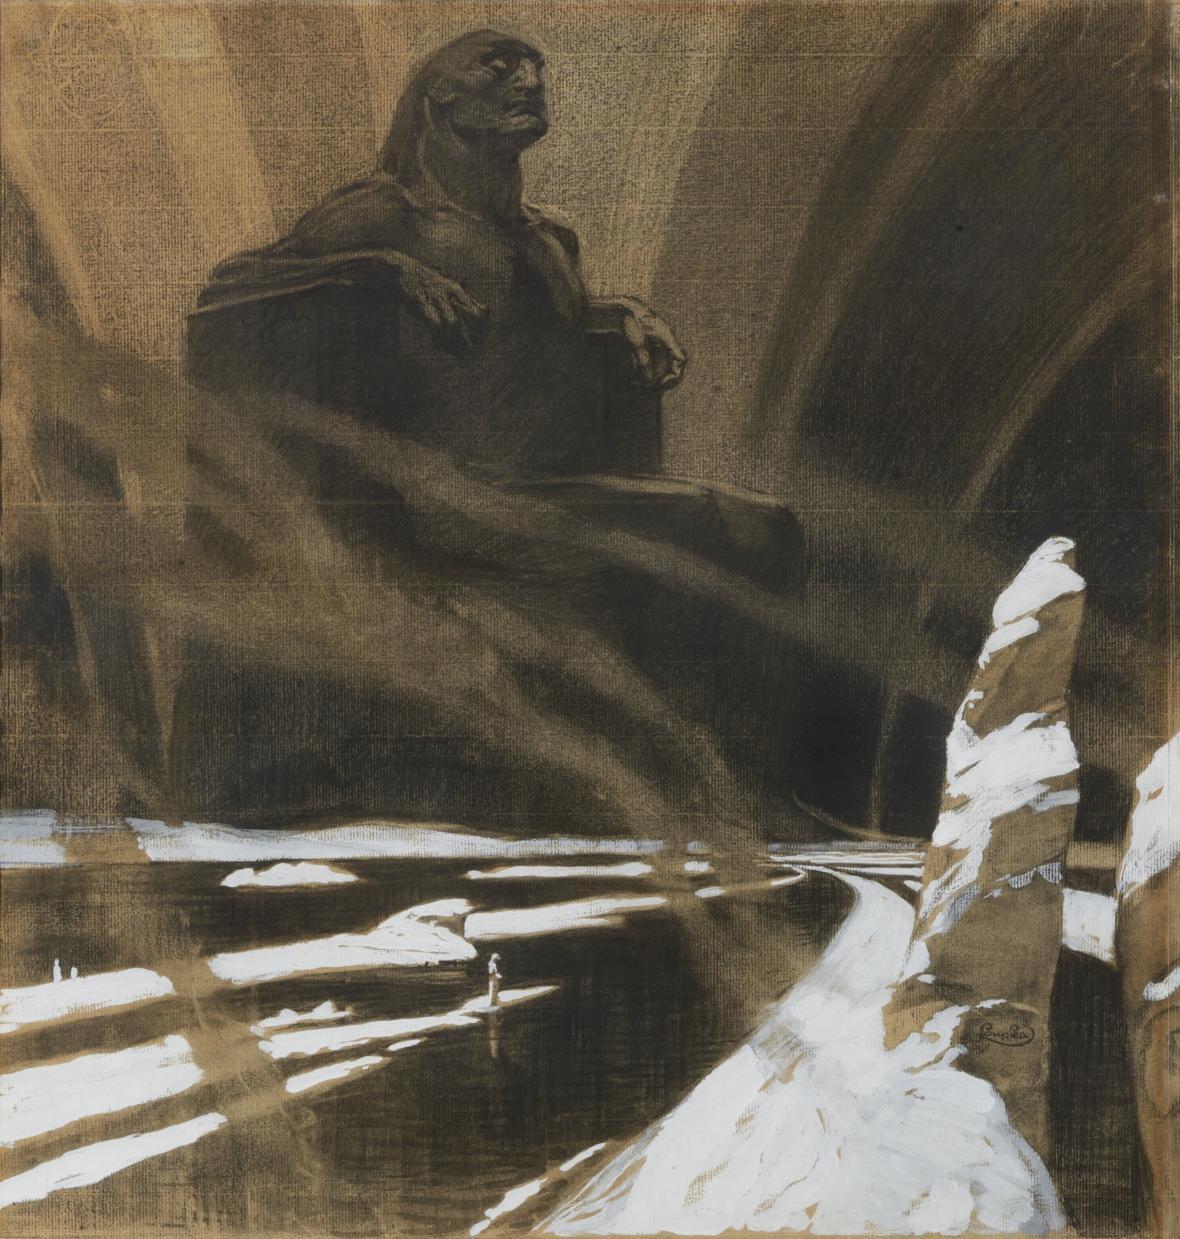 František Kupka / Černý idol, 1901